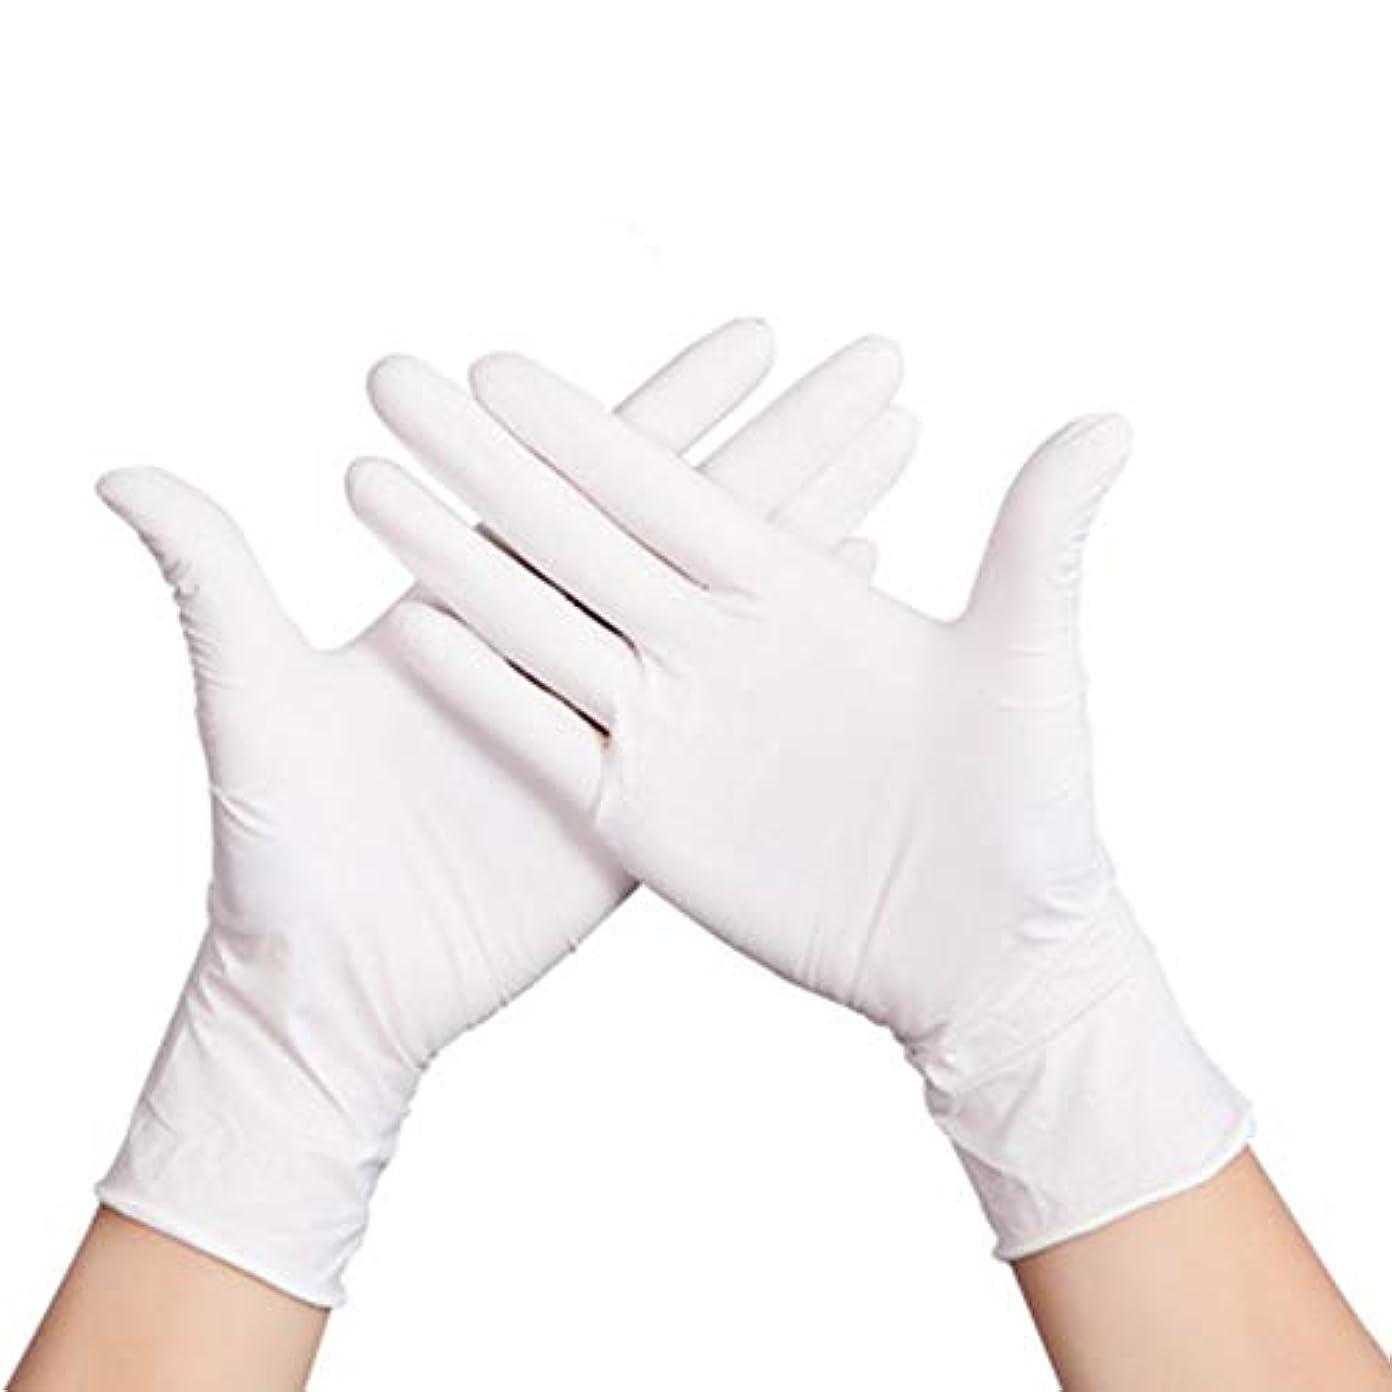 姓着実に服を着る使い捨て白手袋ニトリル手袋by 50ペア、食品、ケータリング、家事、仕事、入れ墨、保護、ゴム、ラテックス手袋、商業用